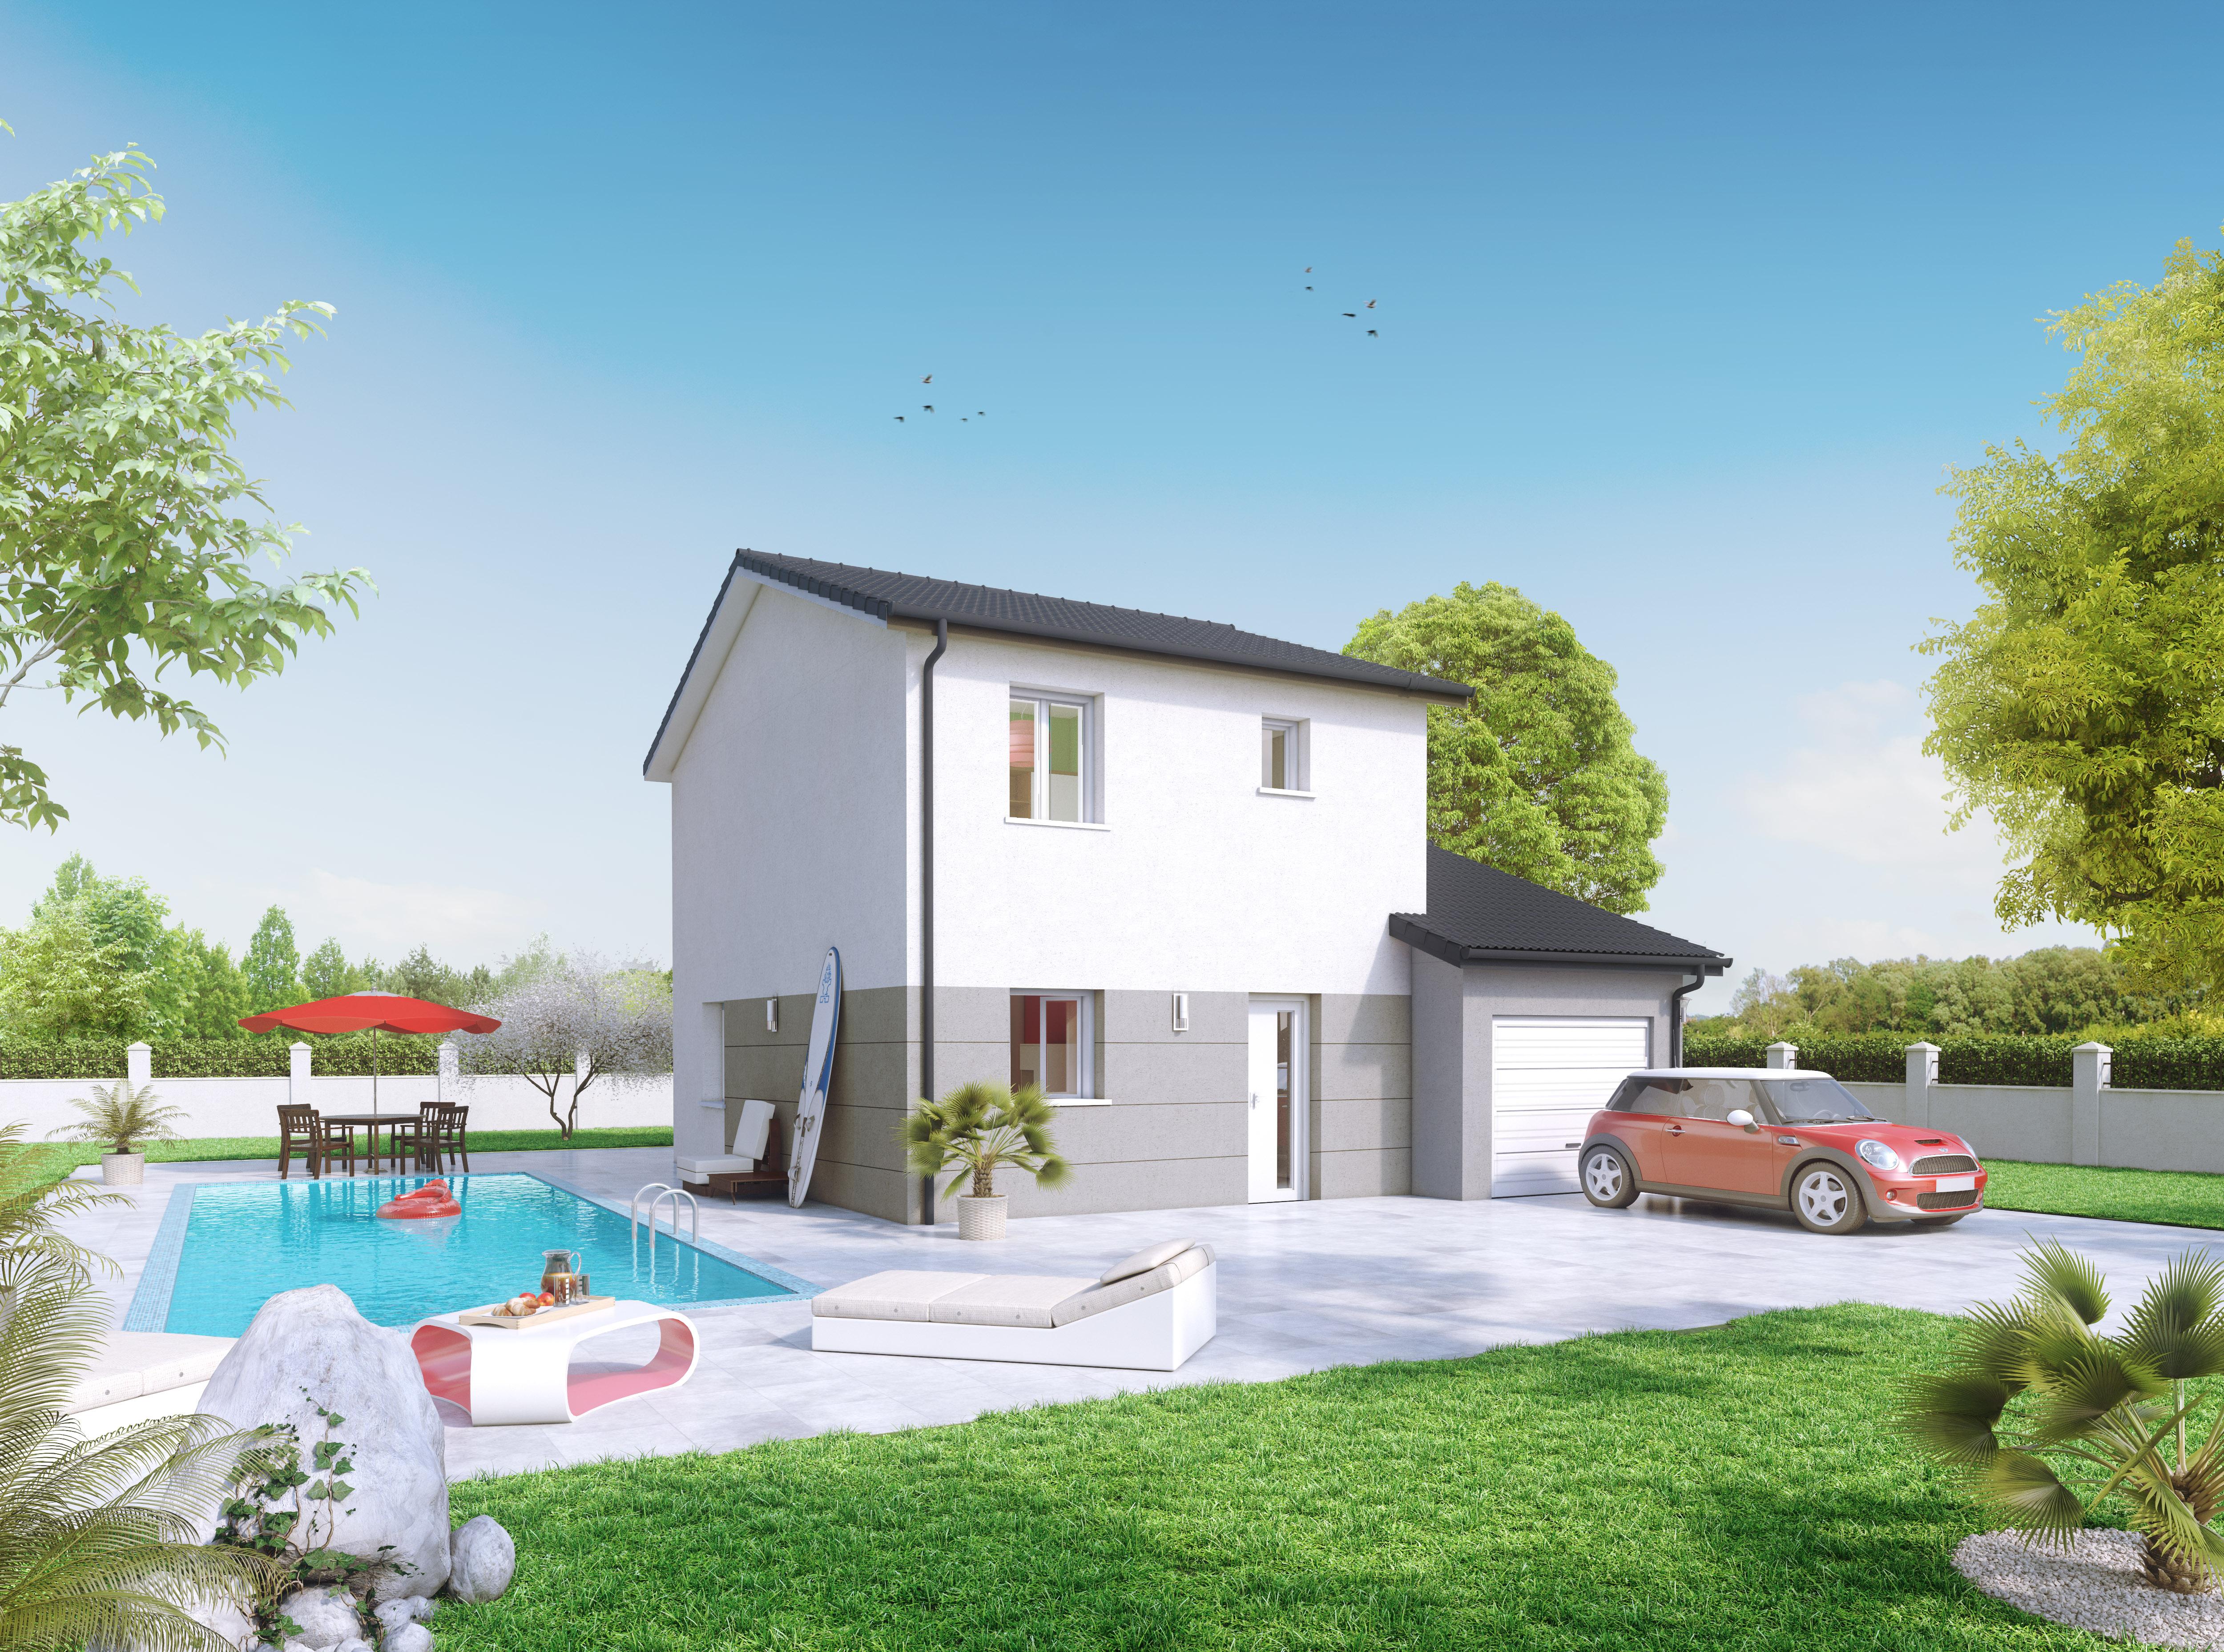 Annonce vente maison andr zieux bouth on 42160 85 m for Une autre maison andrezieux